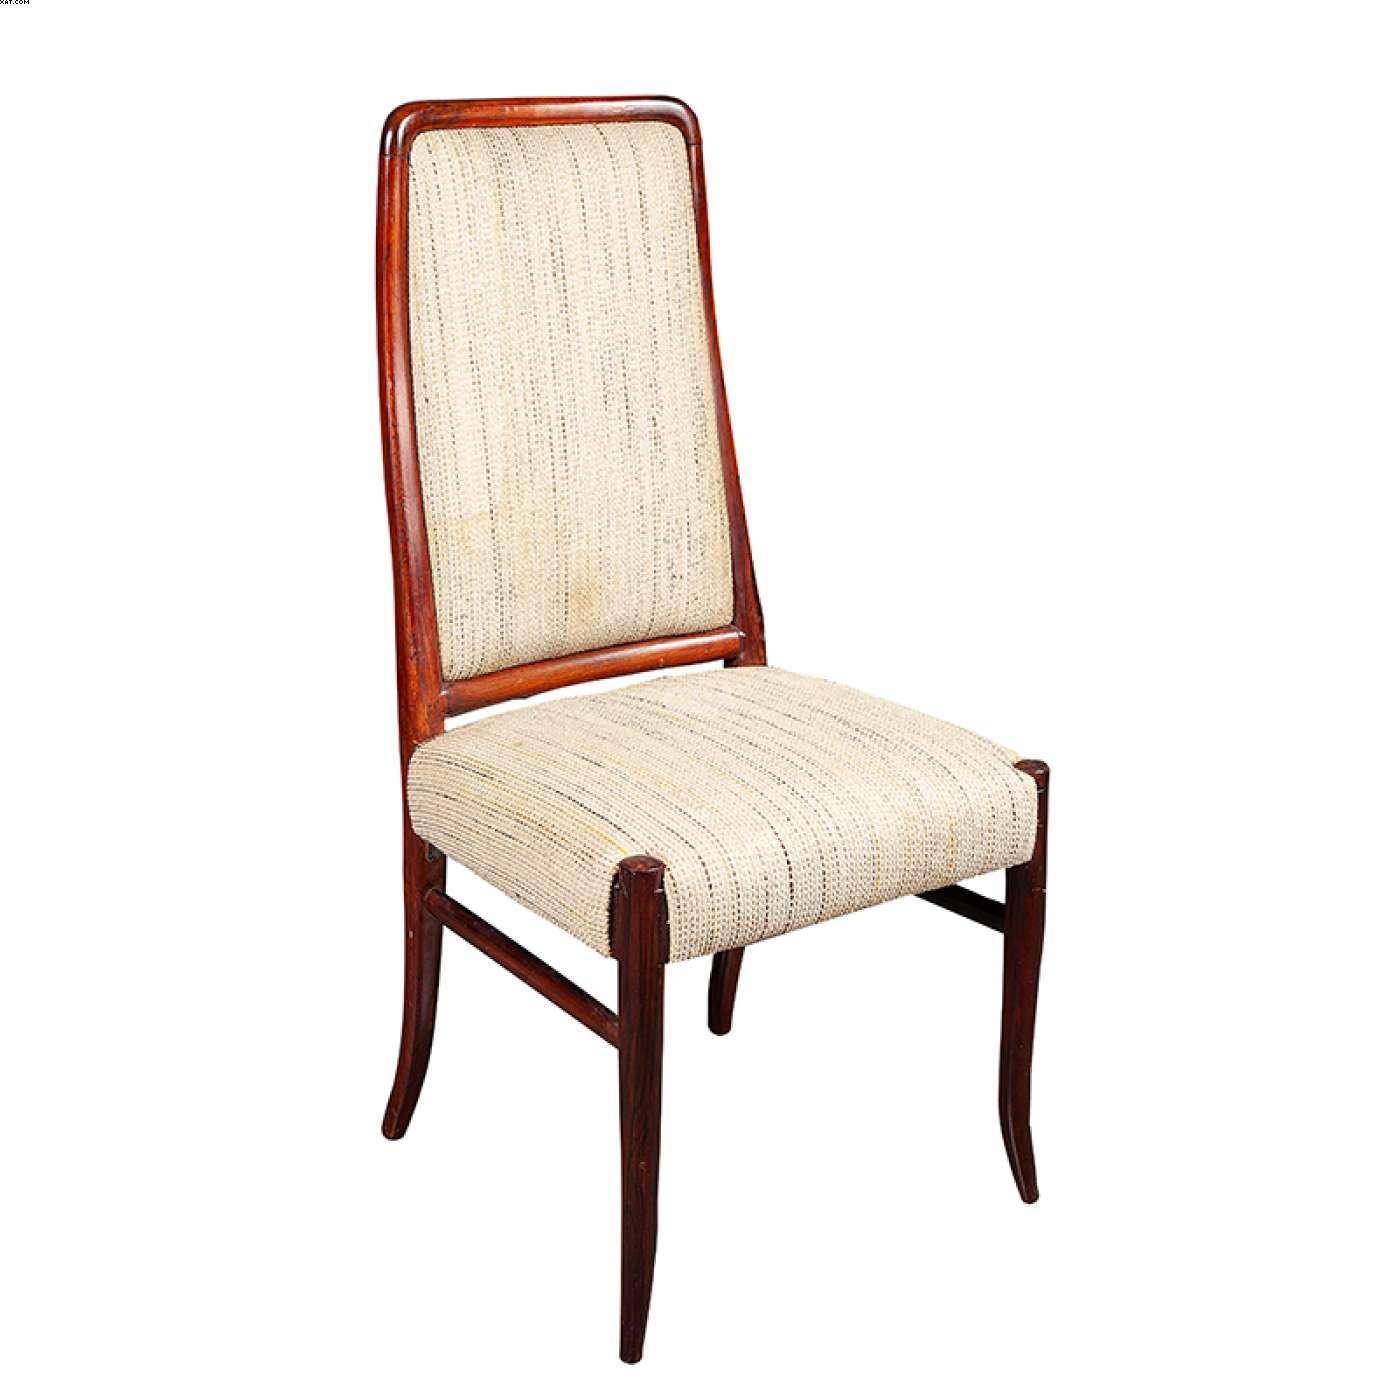 Par de cadeiras em jacarandá com estofado em tecido - Sergio Rodrigues (1927)